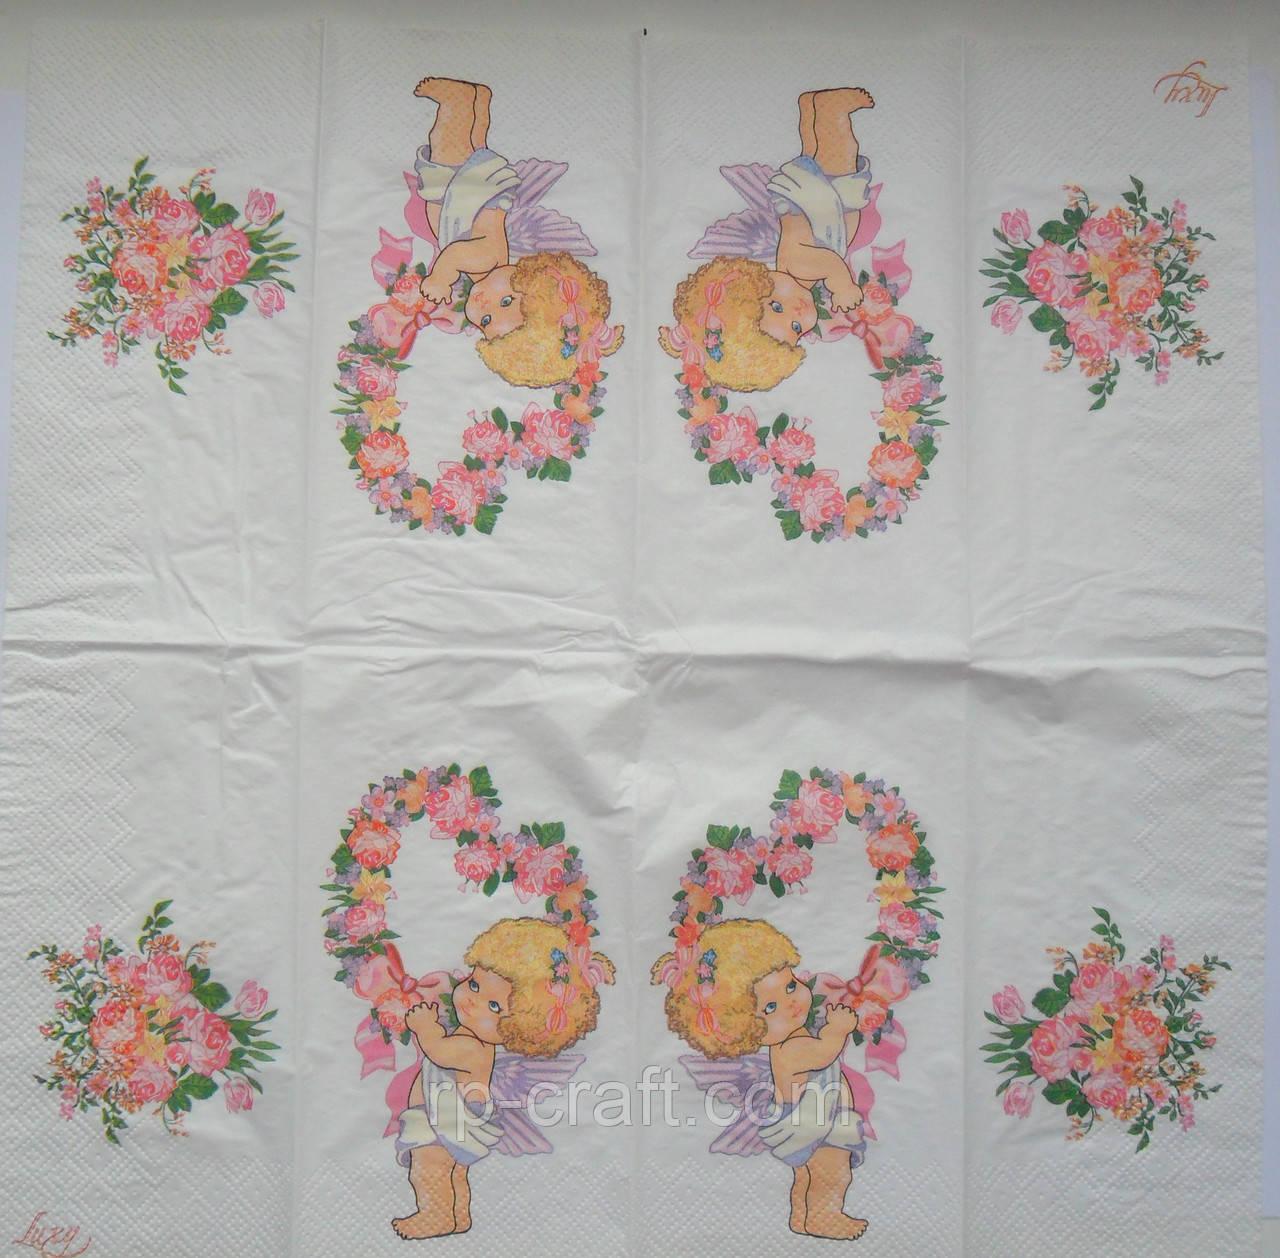 Серветка для декупажу з ангелом і квітами, 33х33 см